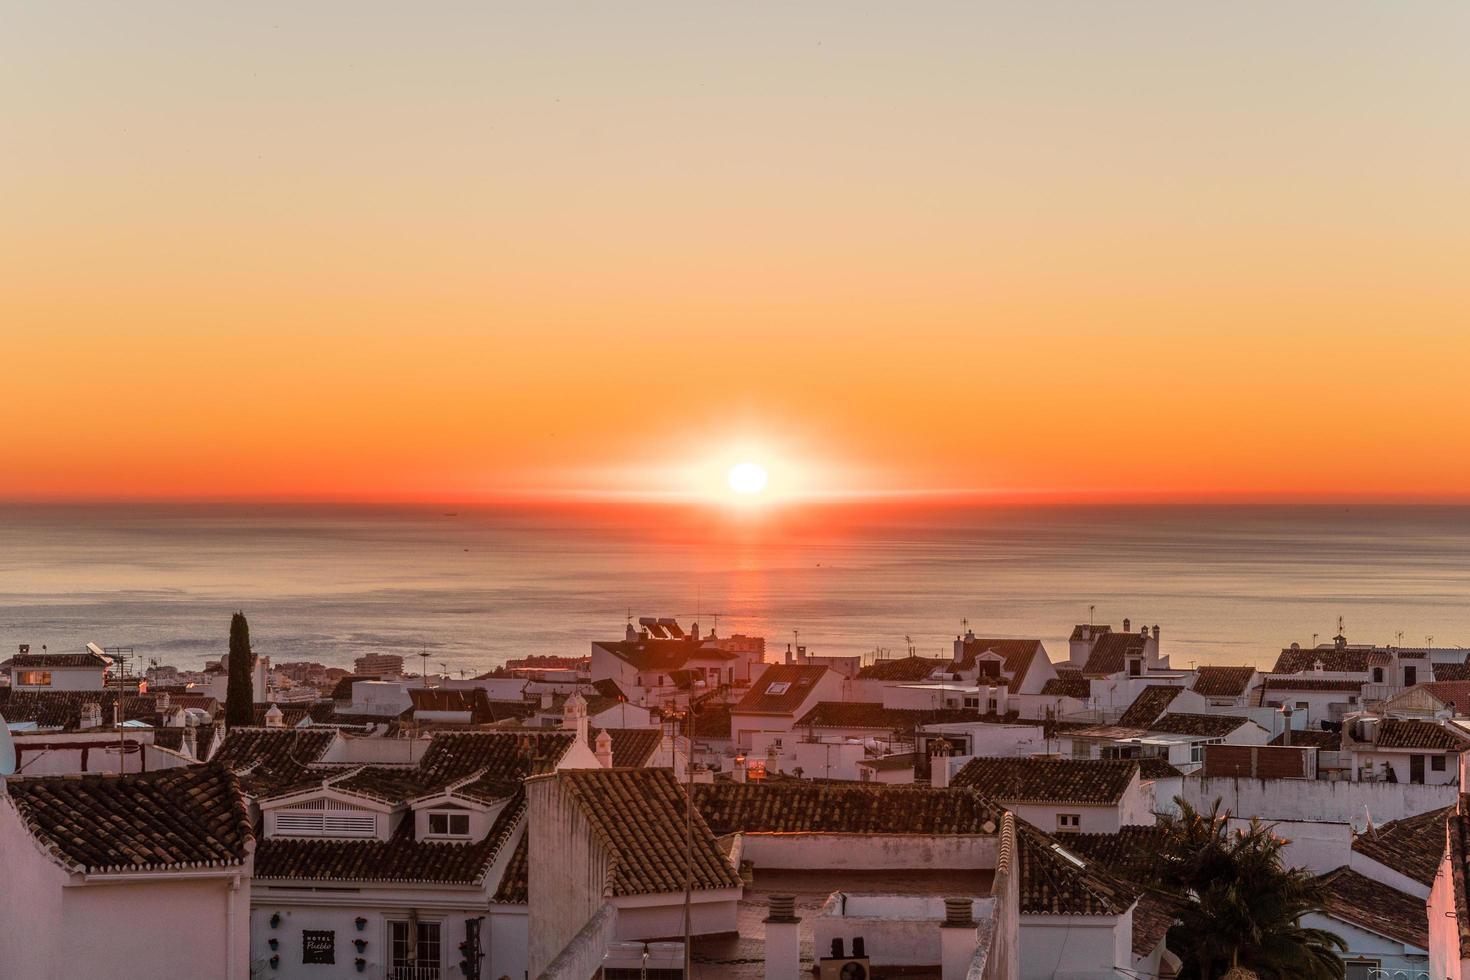 Sonnenuntergang auf Küstenstadt foto